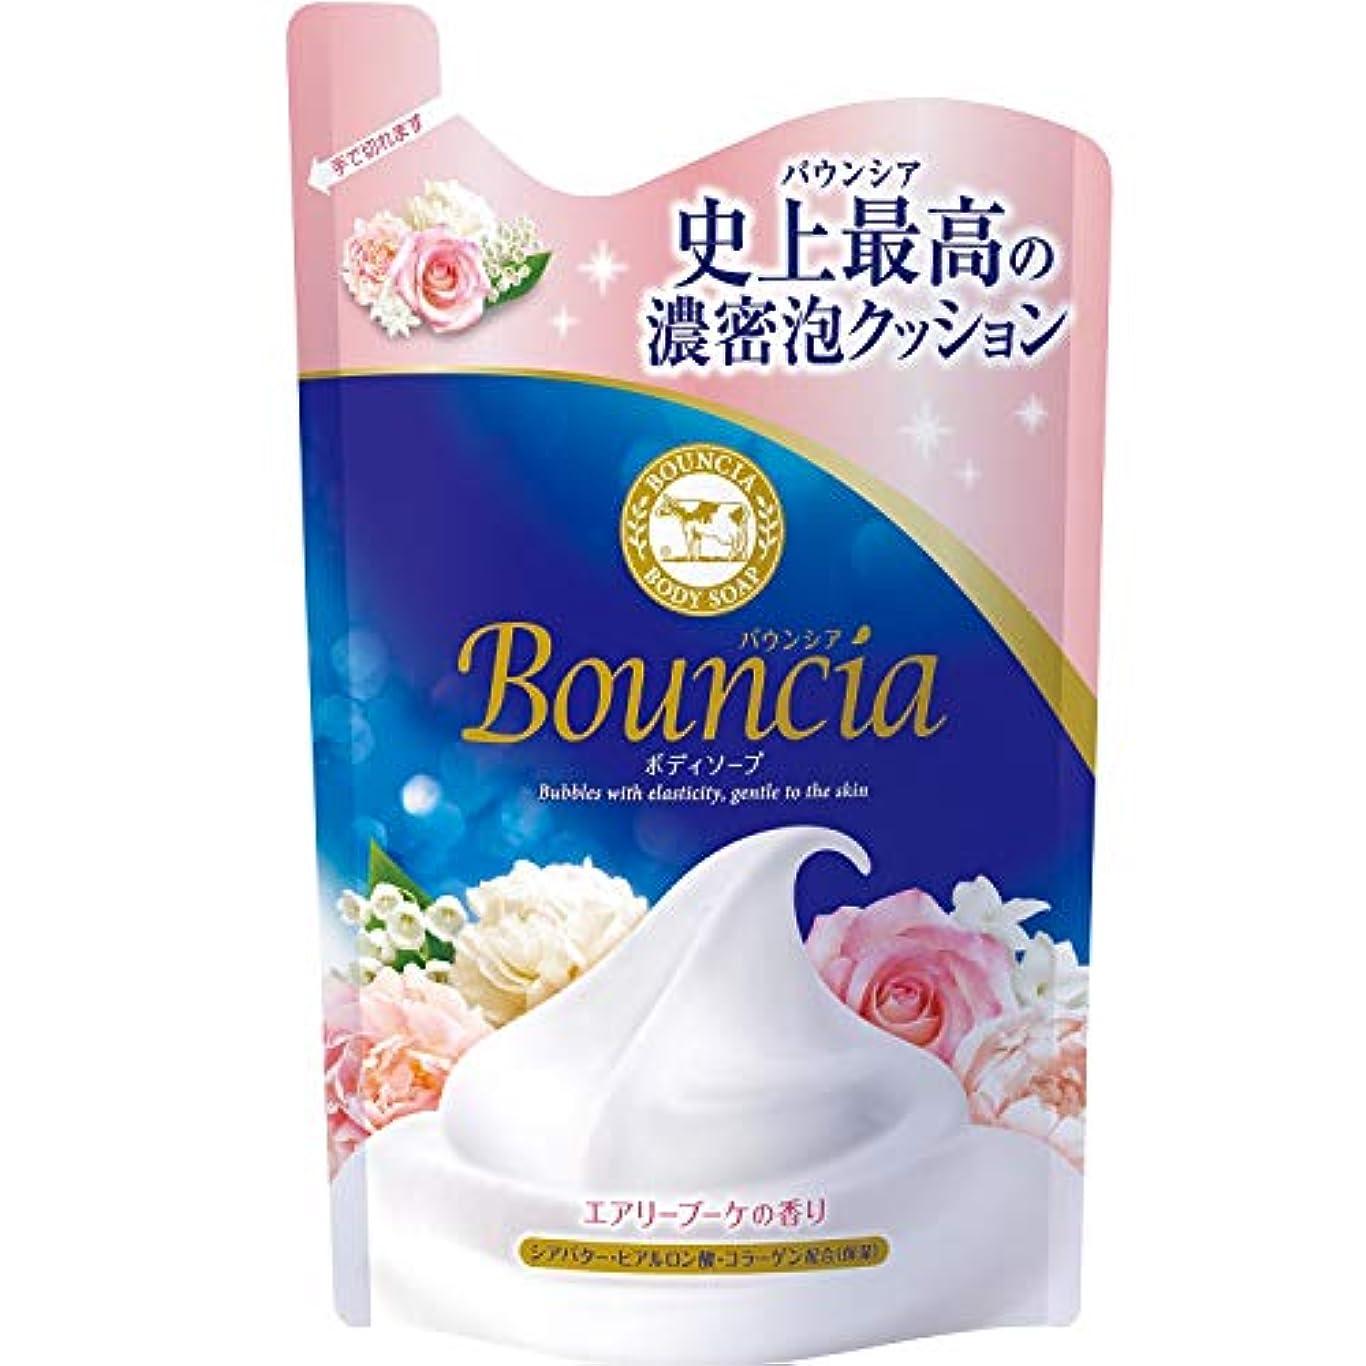 ご意見子羊物質バウンシア ボディソープ エアリーブーケの香り 詰替 400mL